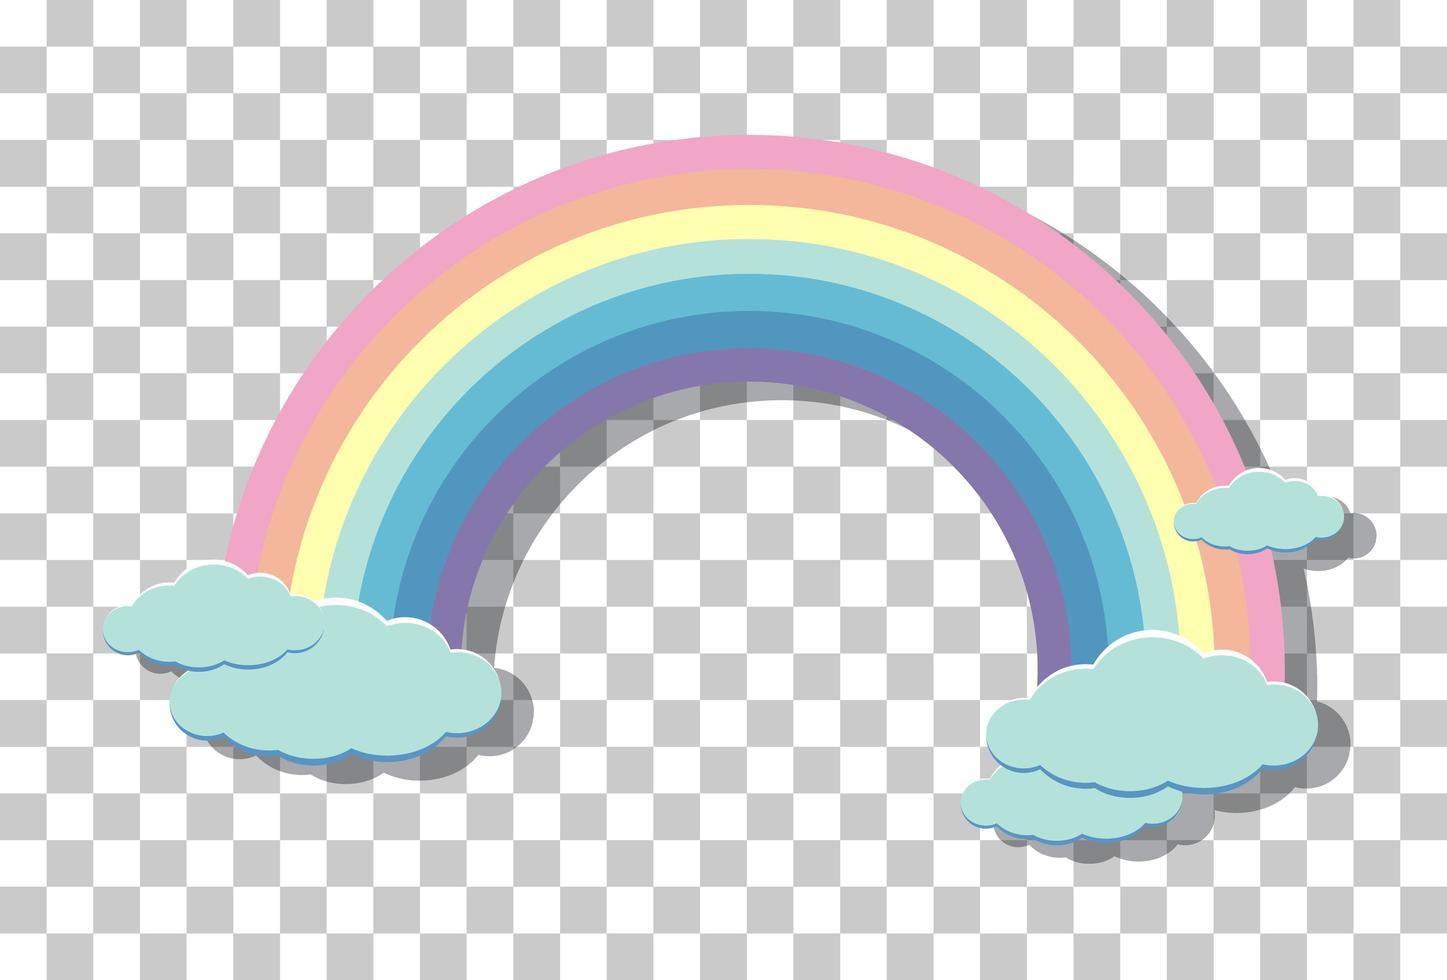 pastell regnbåge med moln isolerad på transparent bakgrund vektor